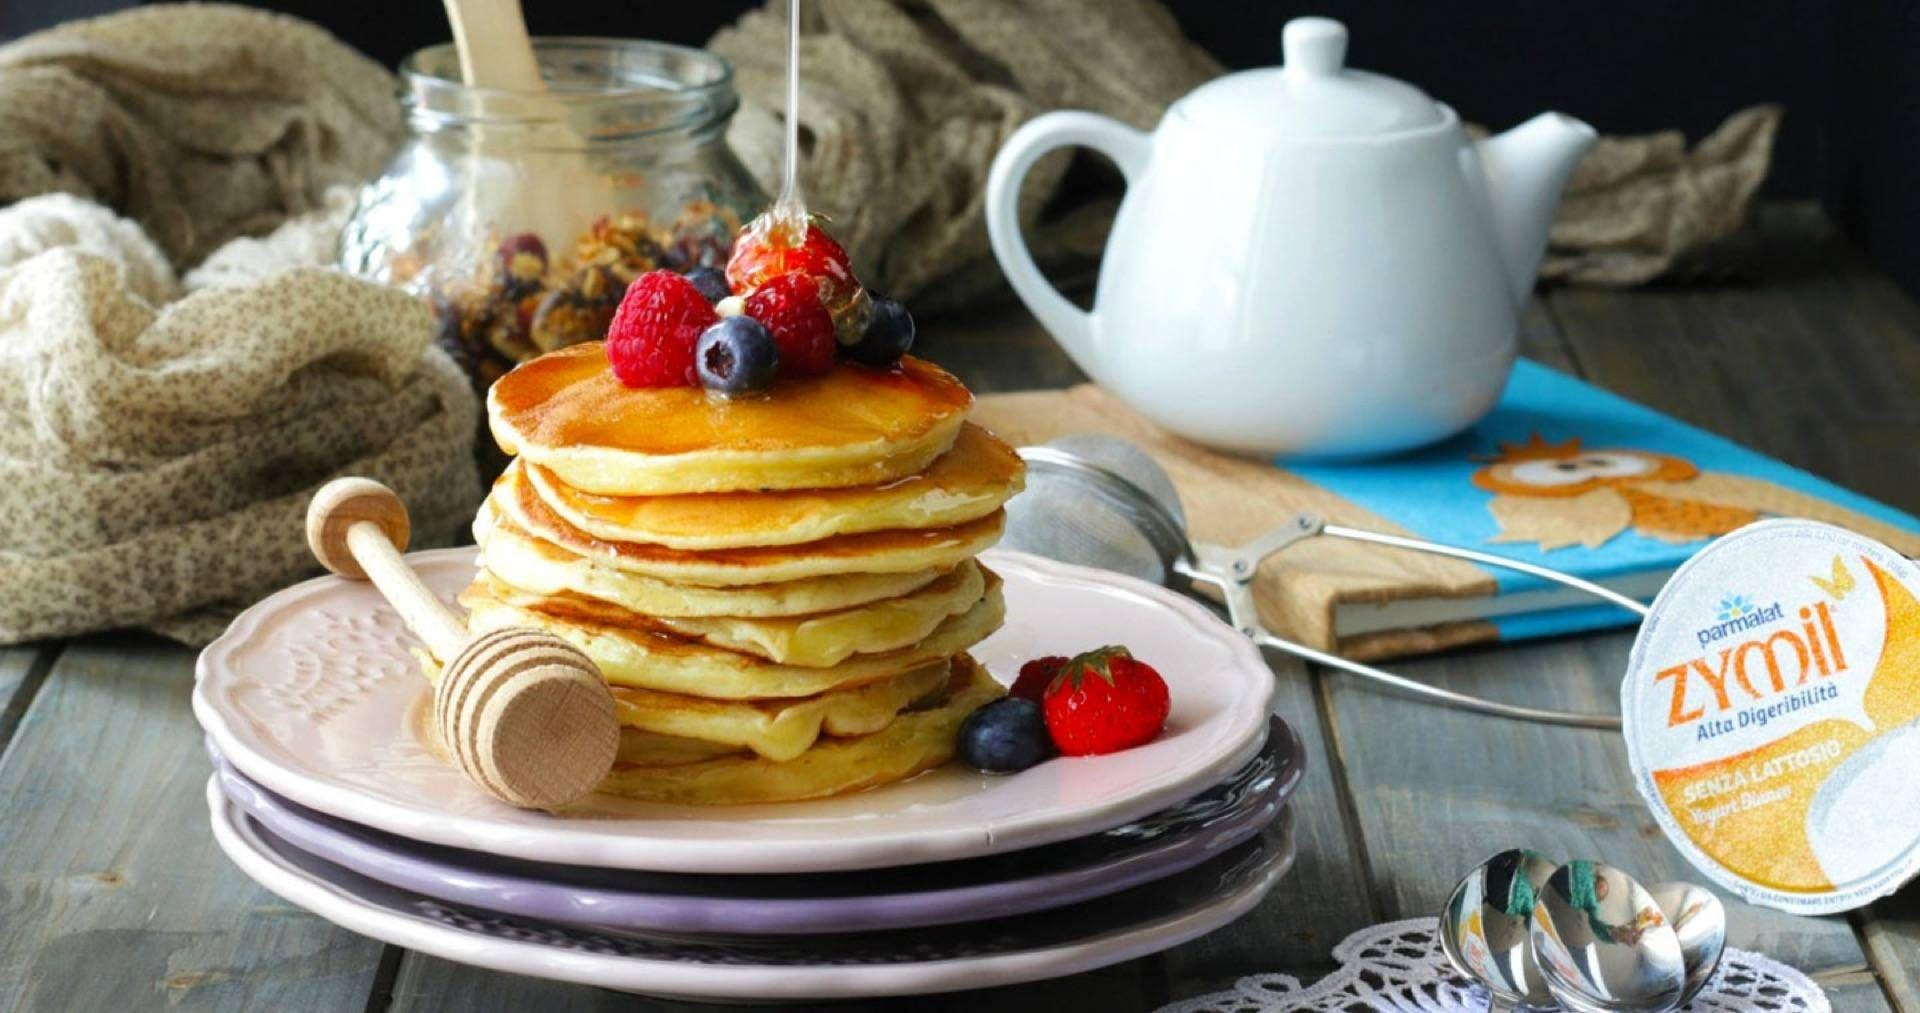 Pancakes allo yogurt - Parmalat